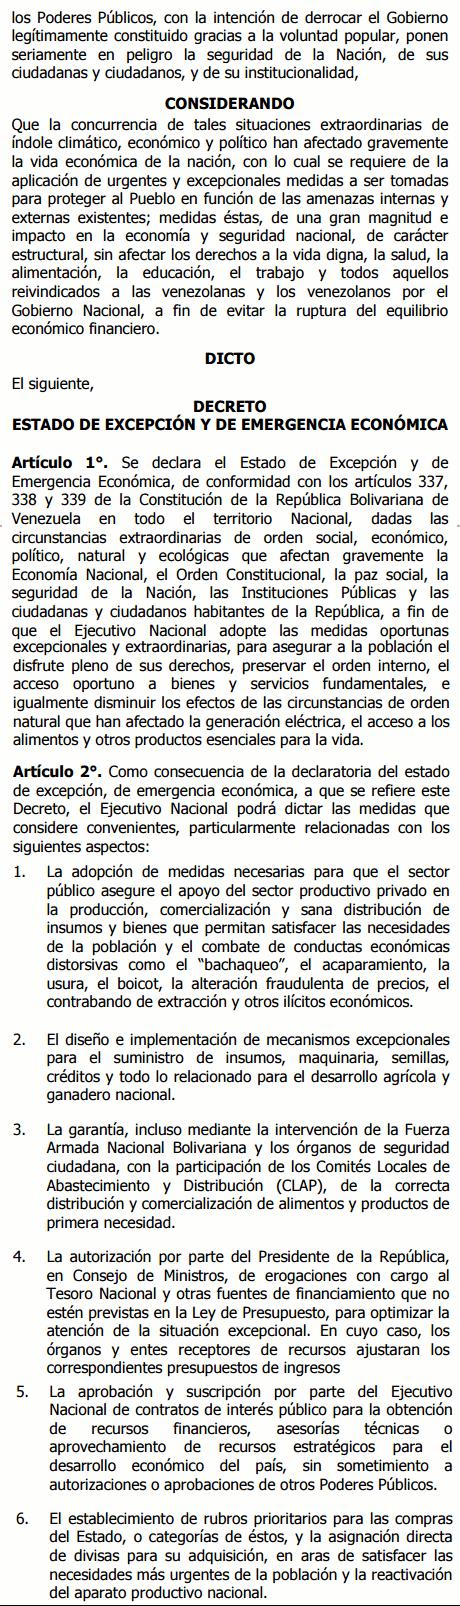 decreto-3